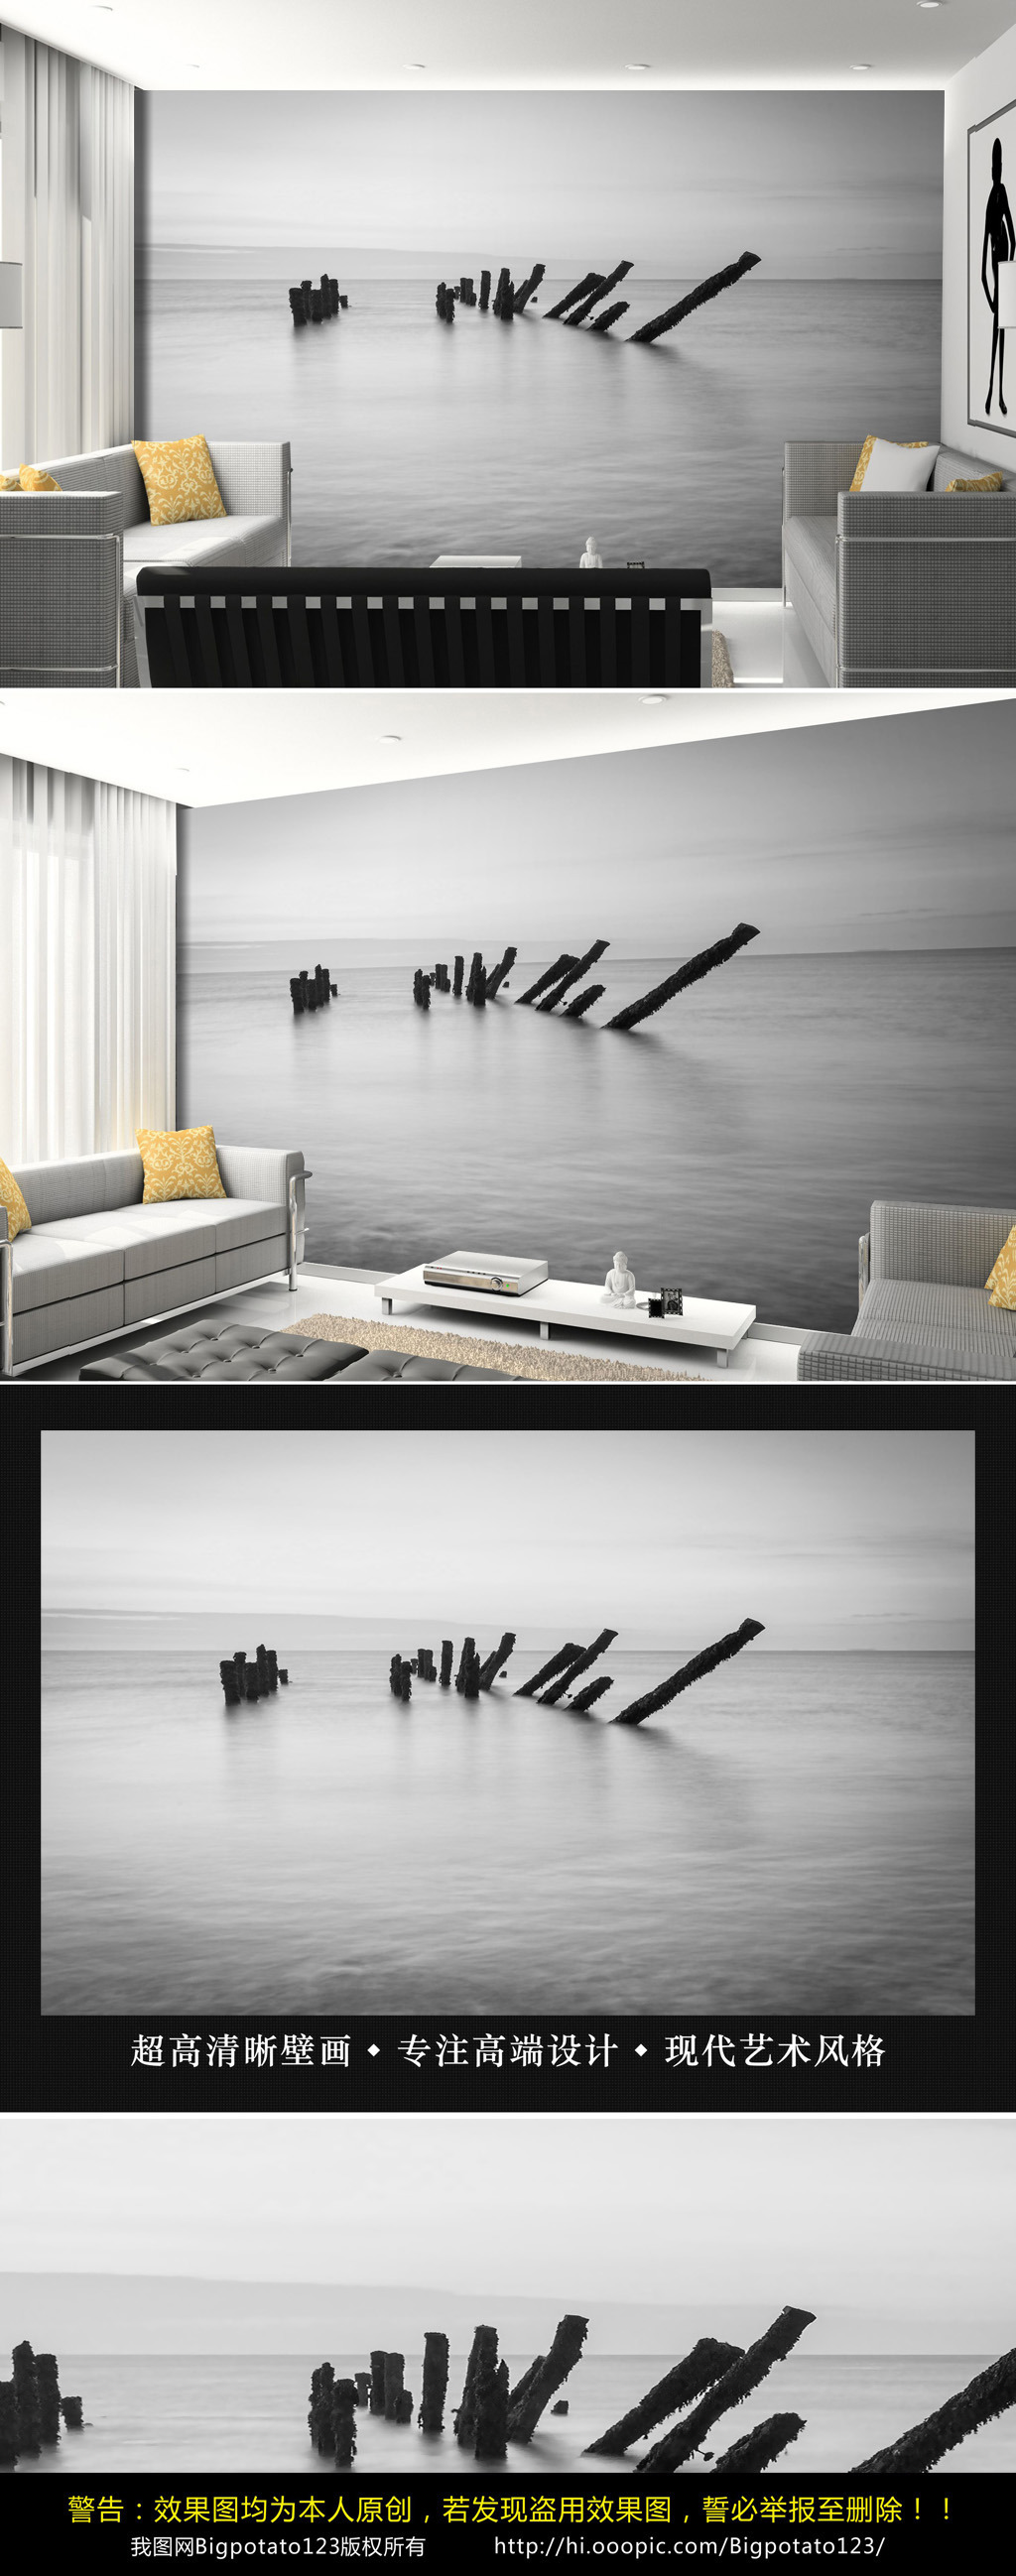 背景墙|装饰画 电视背景墙 客厅电视背景墙 > 黑白摄影风景海景木桩